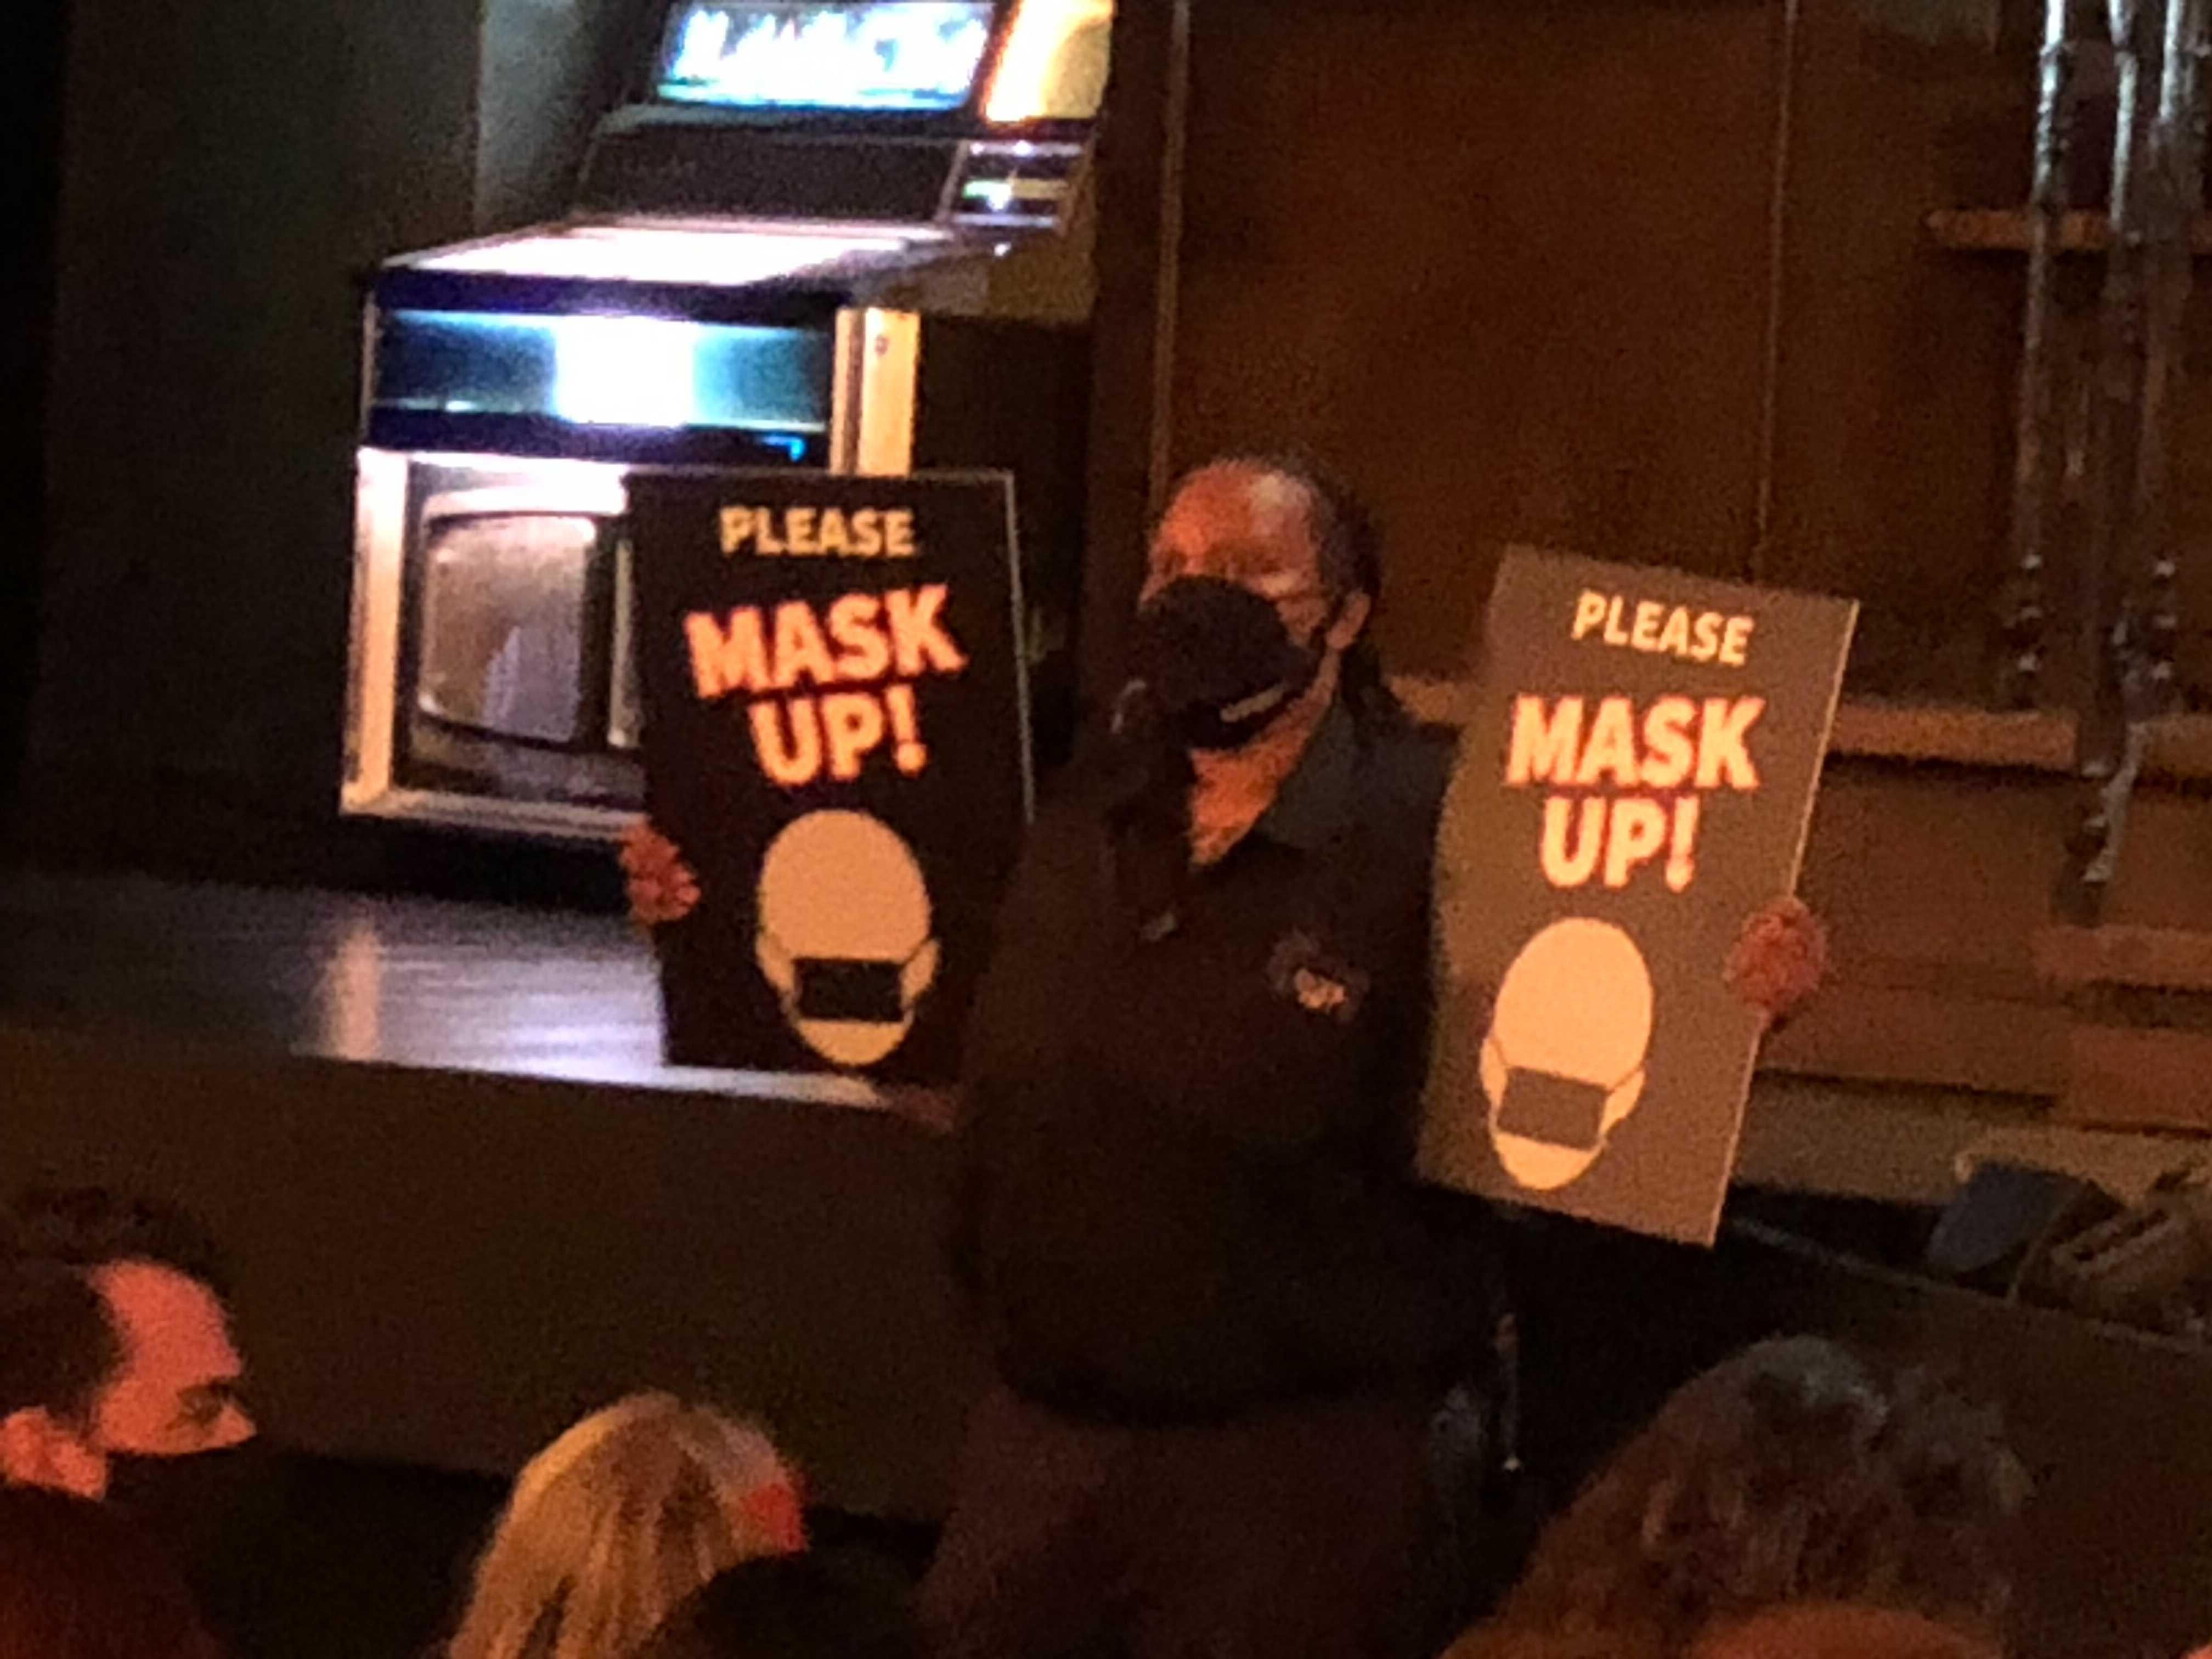 Masks Up sign